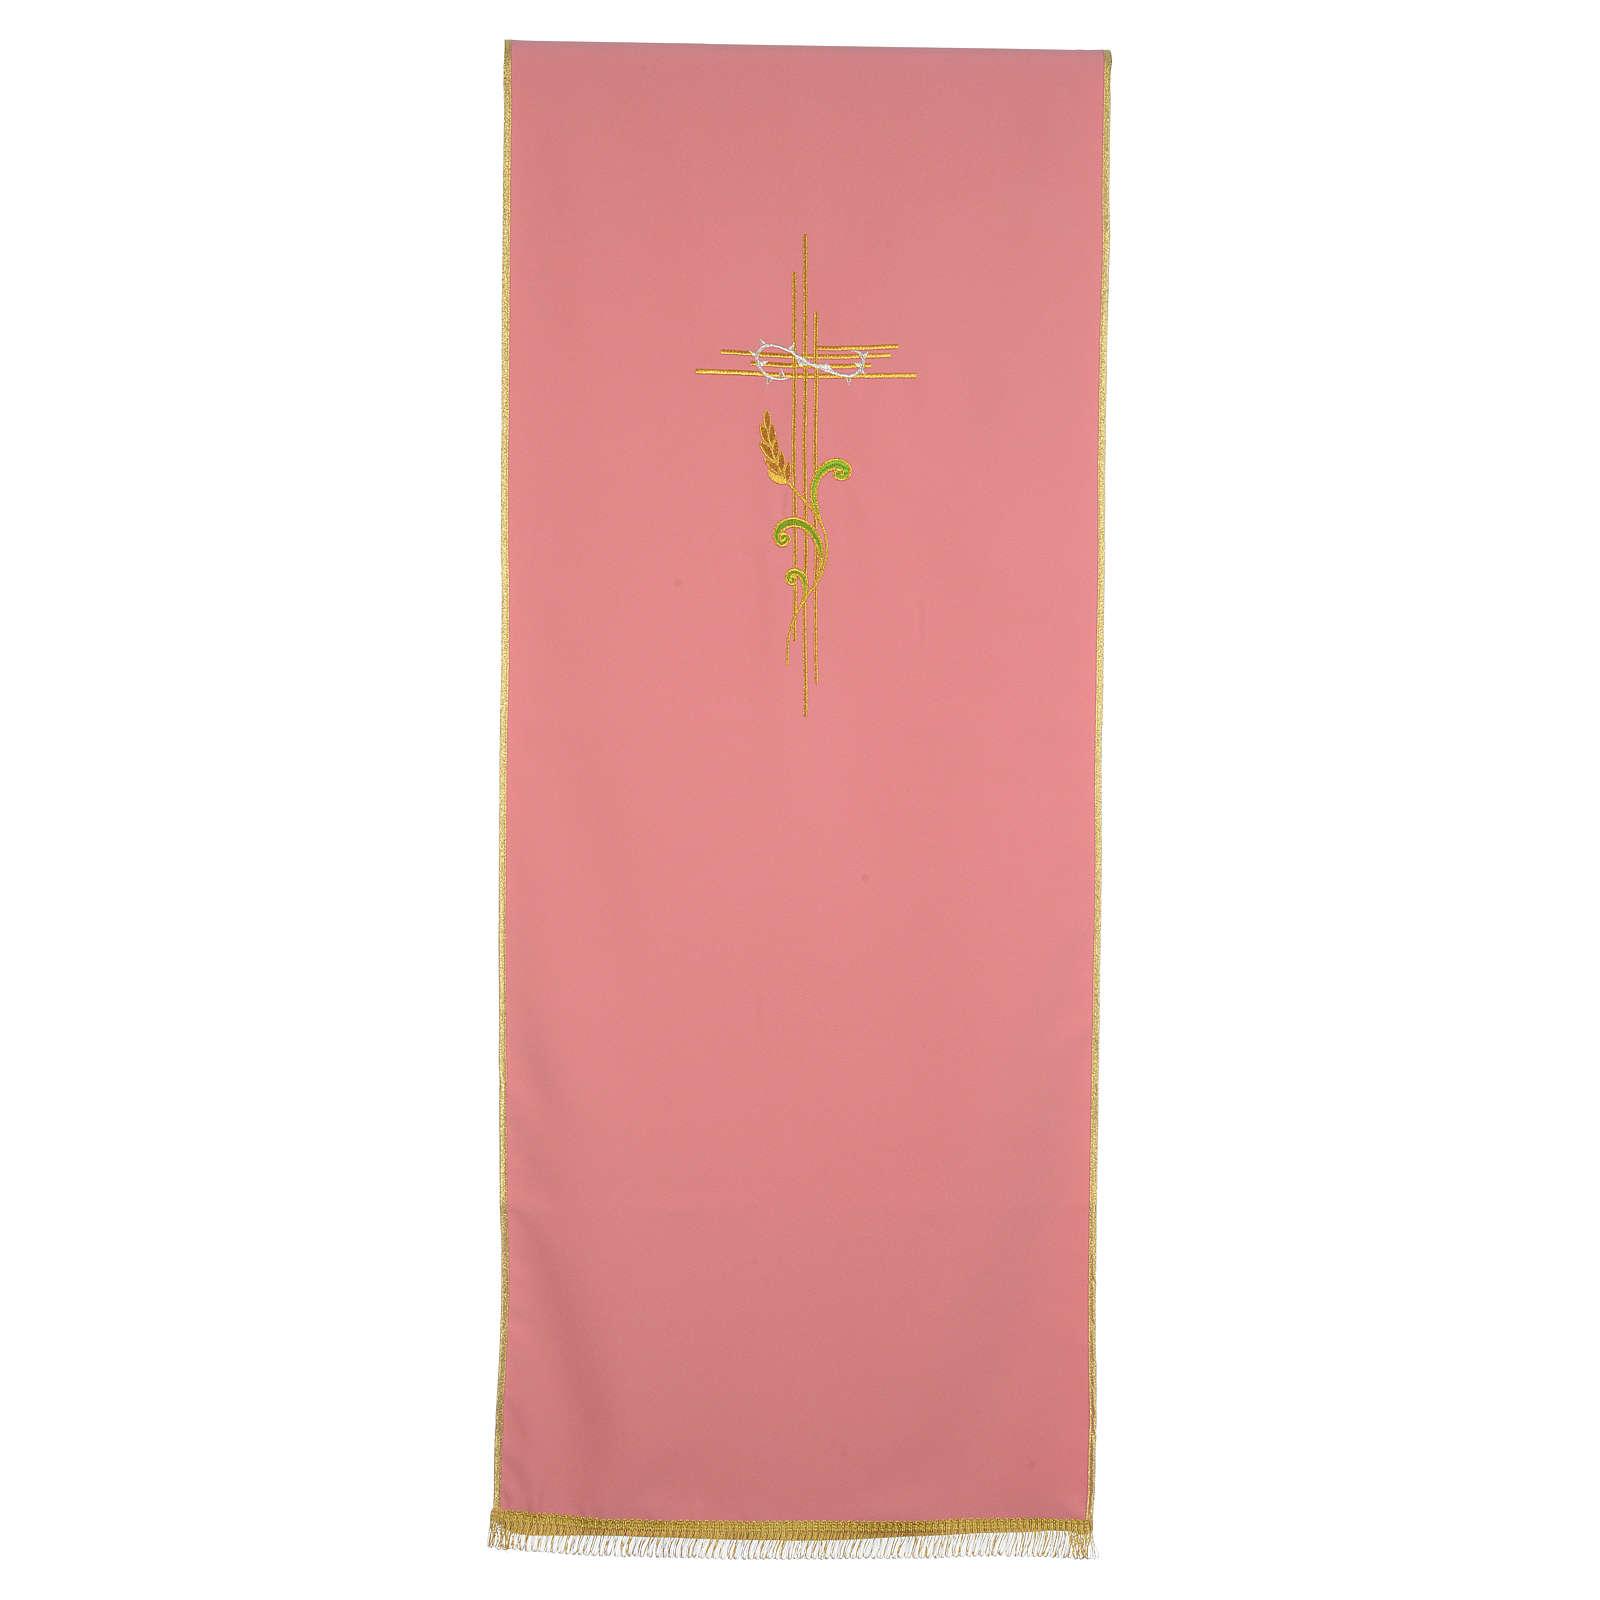 Paño de atril rosa 100% poliéster cruz estilizada y espiga entrelazada 4